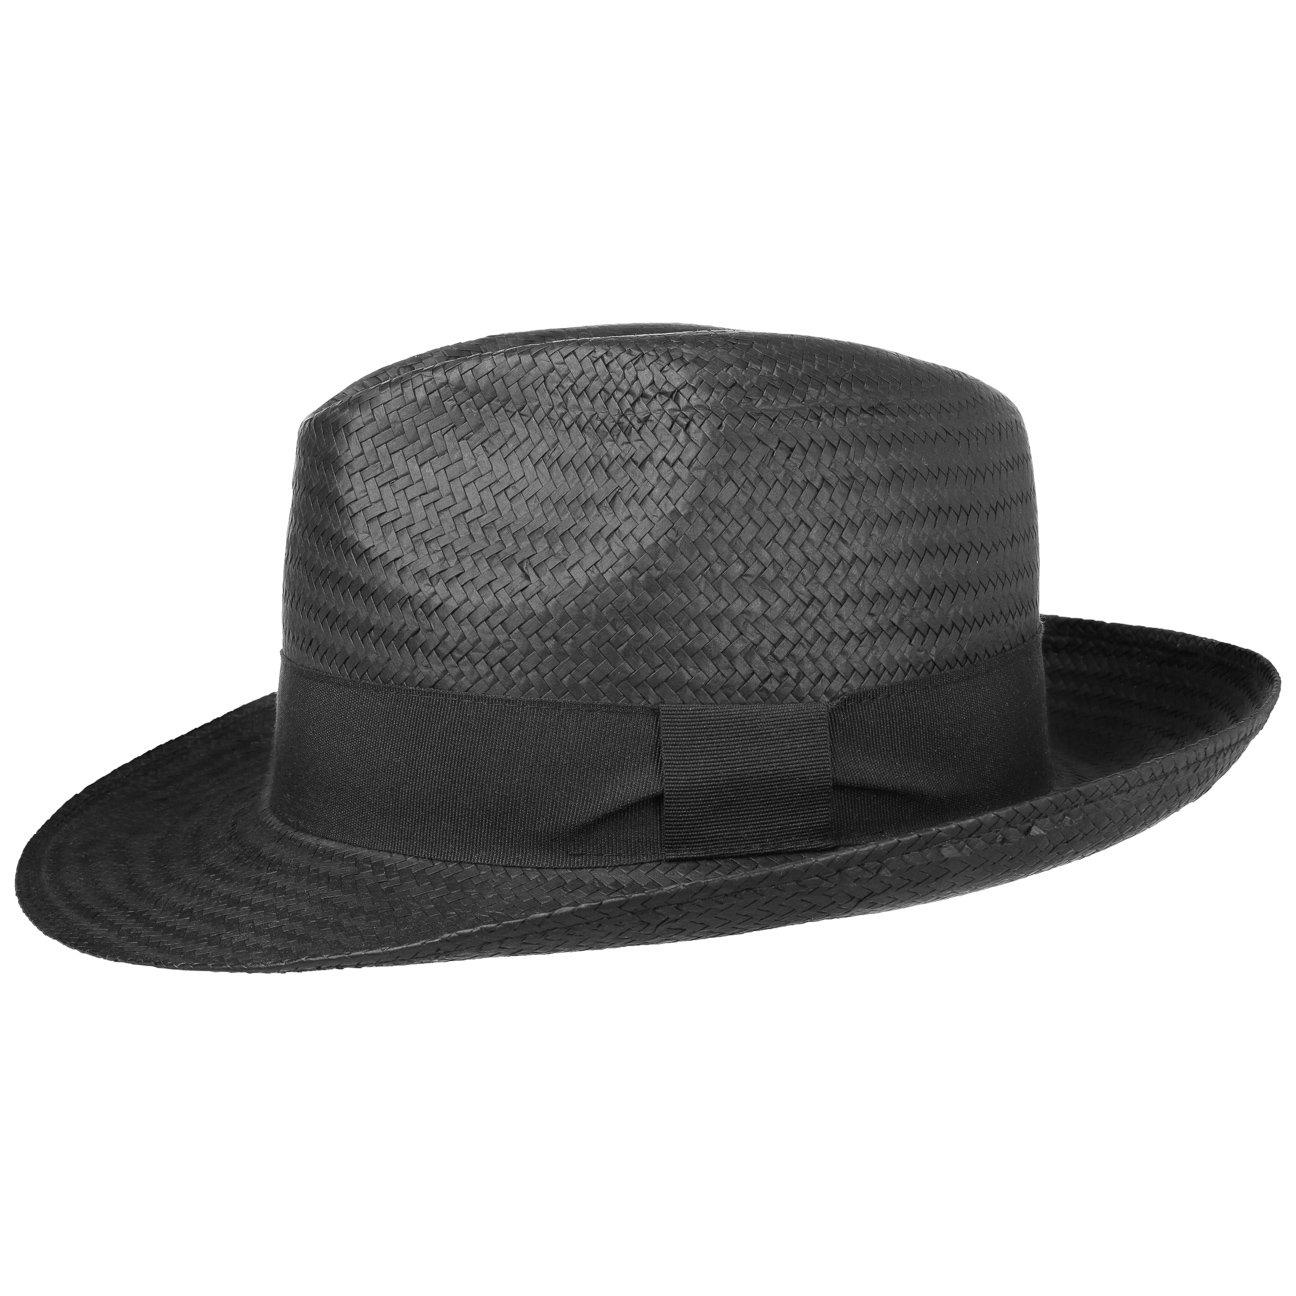 Cappello di paglia di carta White Mountain, Bogart con nastro in gros-grain, bel cappello per l'estate, bianco o nero, cappello da sole in varie misure - perfetto sia in vacanza che nel giardino di ca Hutshopping